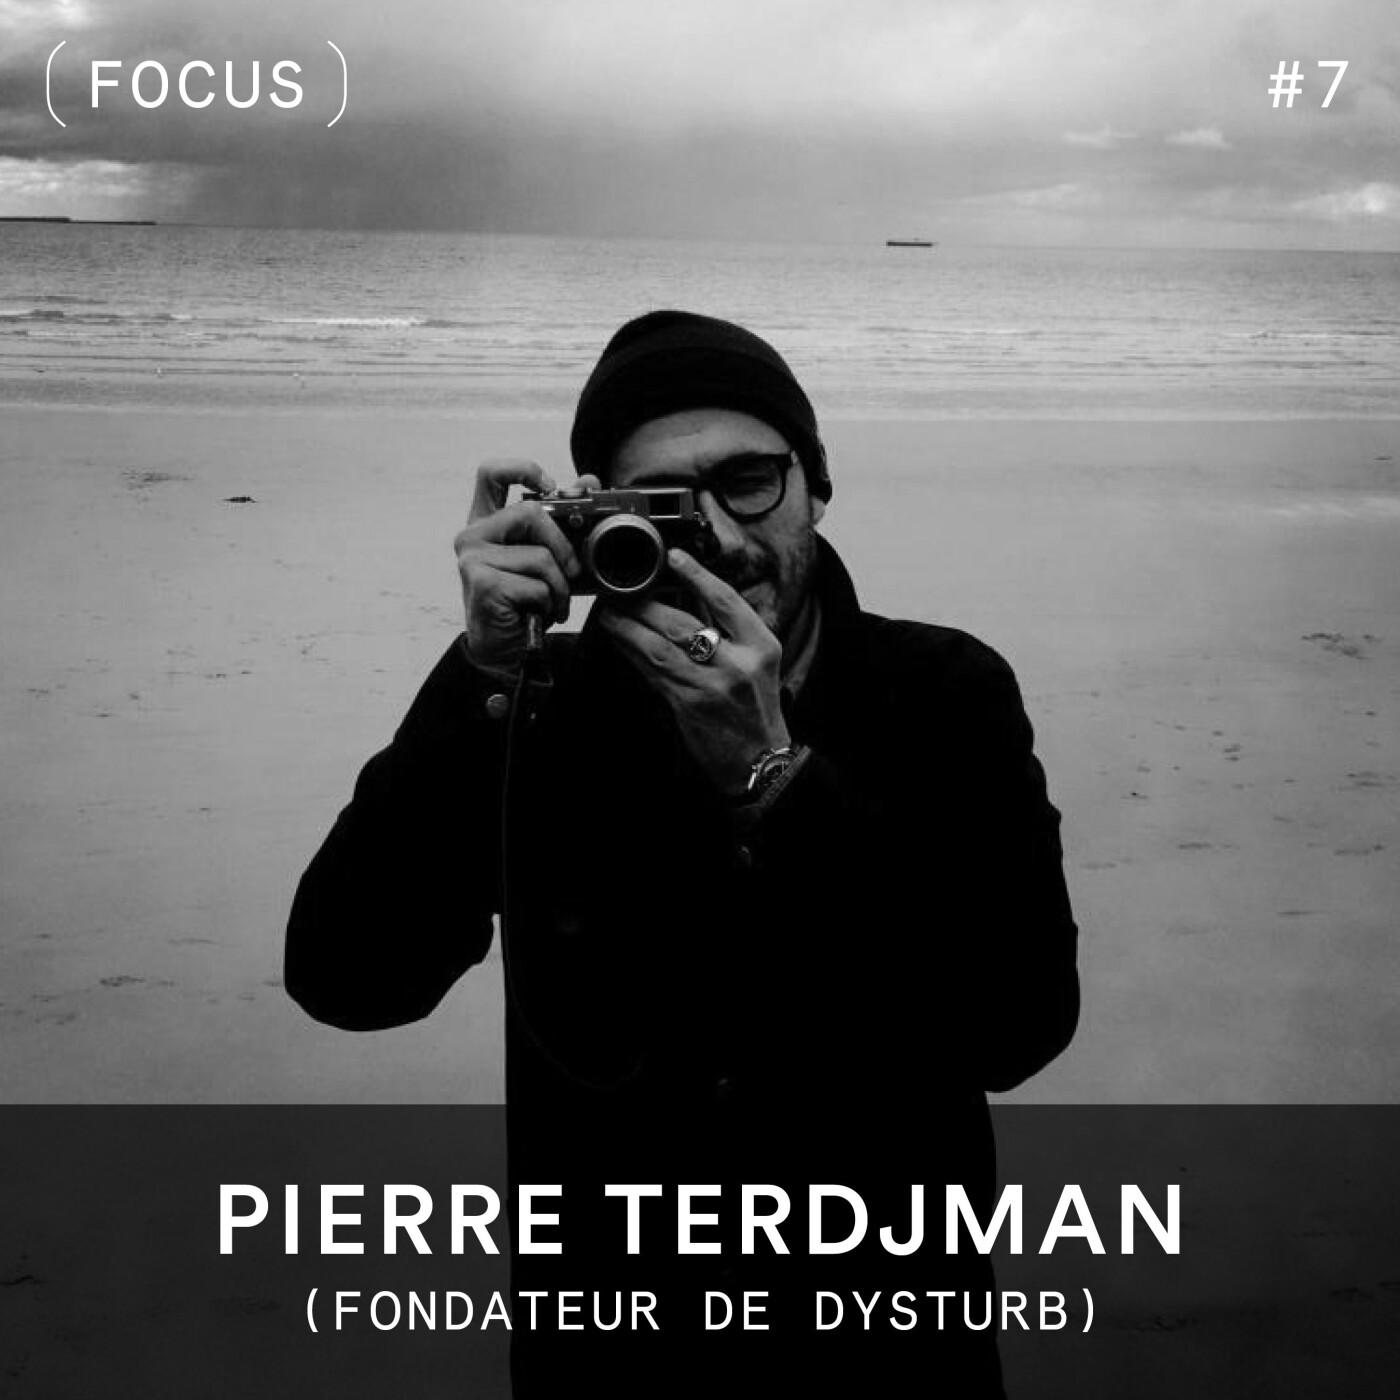 FOCUS #7 - Pierre Terdjman (fondateur de Dysturb)